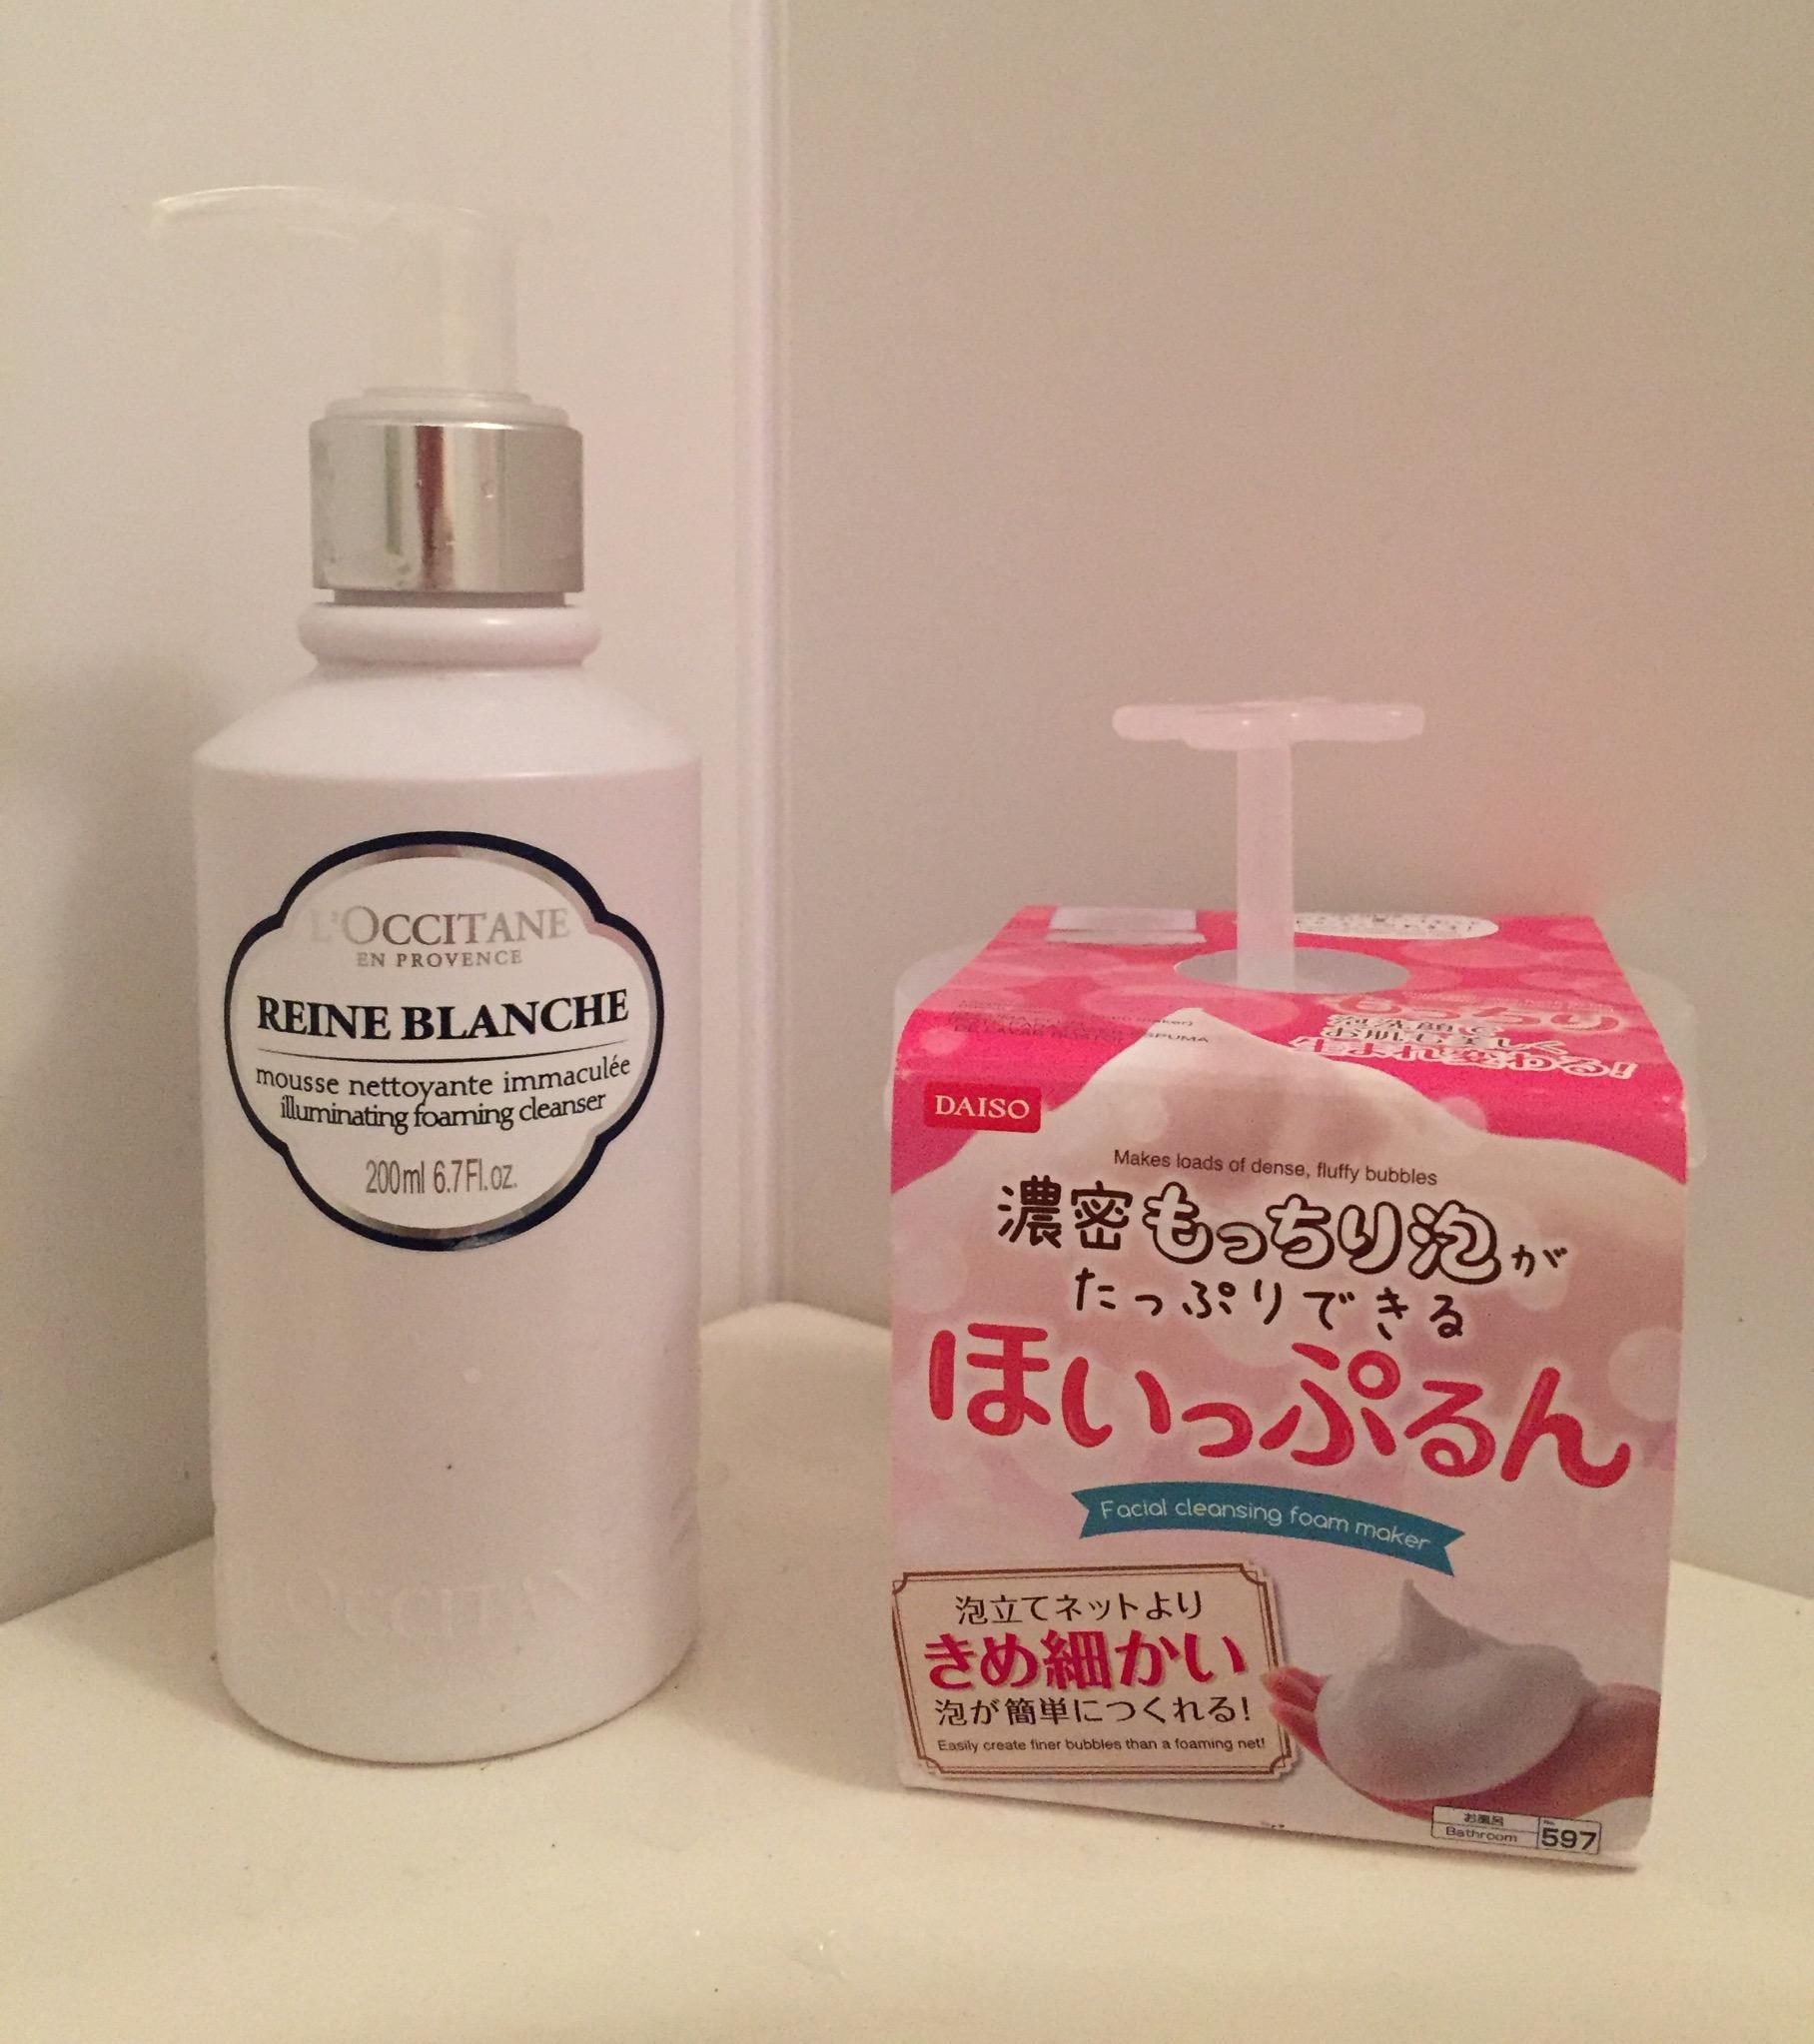 まるでCMみたい!!100円でホイップクリームみたいな洗顔泡がつくれる♡_1